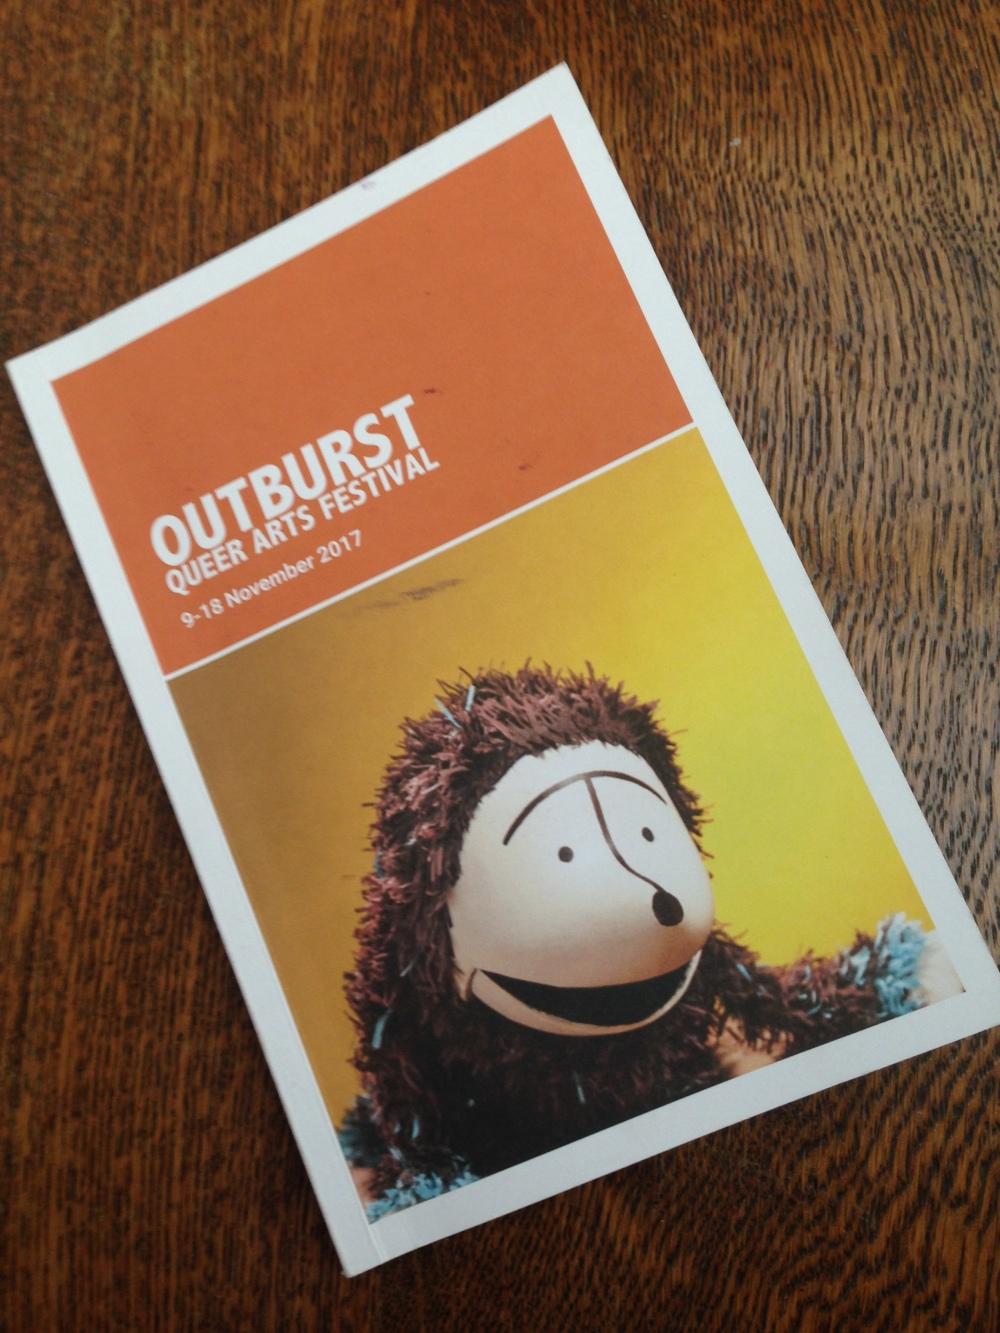 Outburst programme